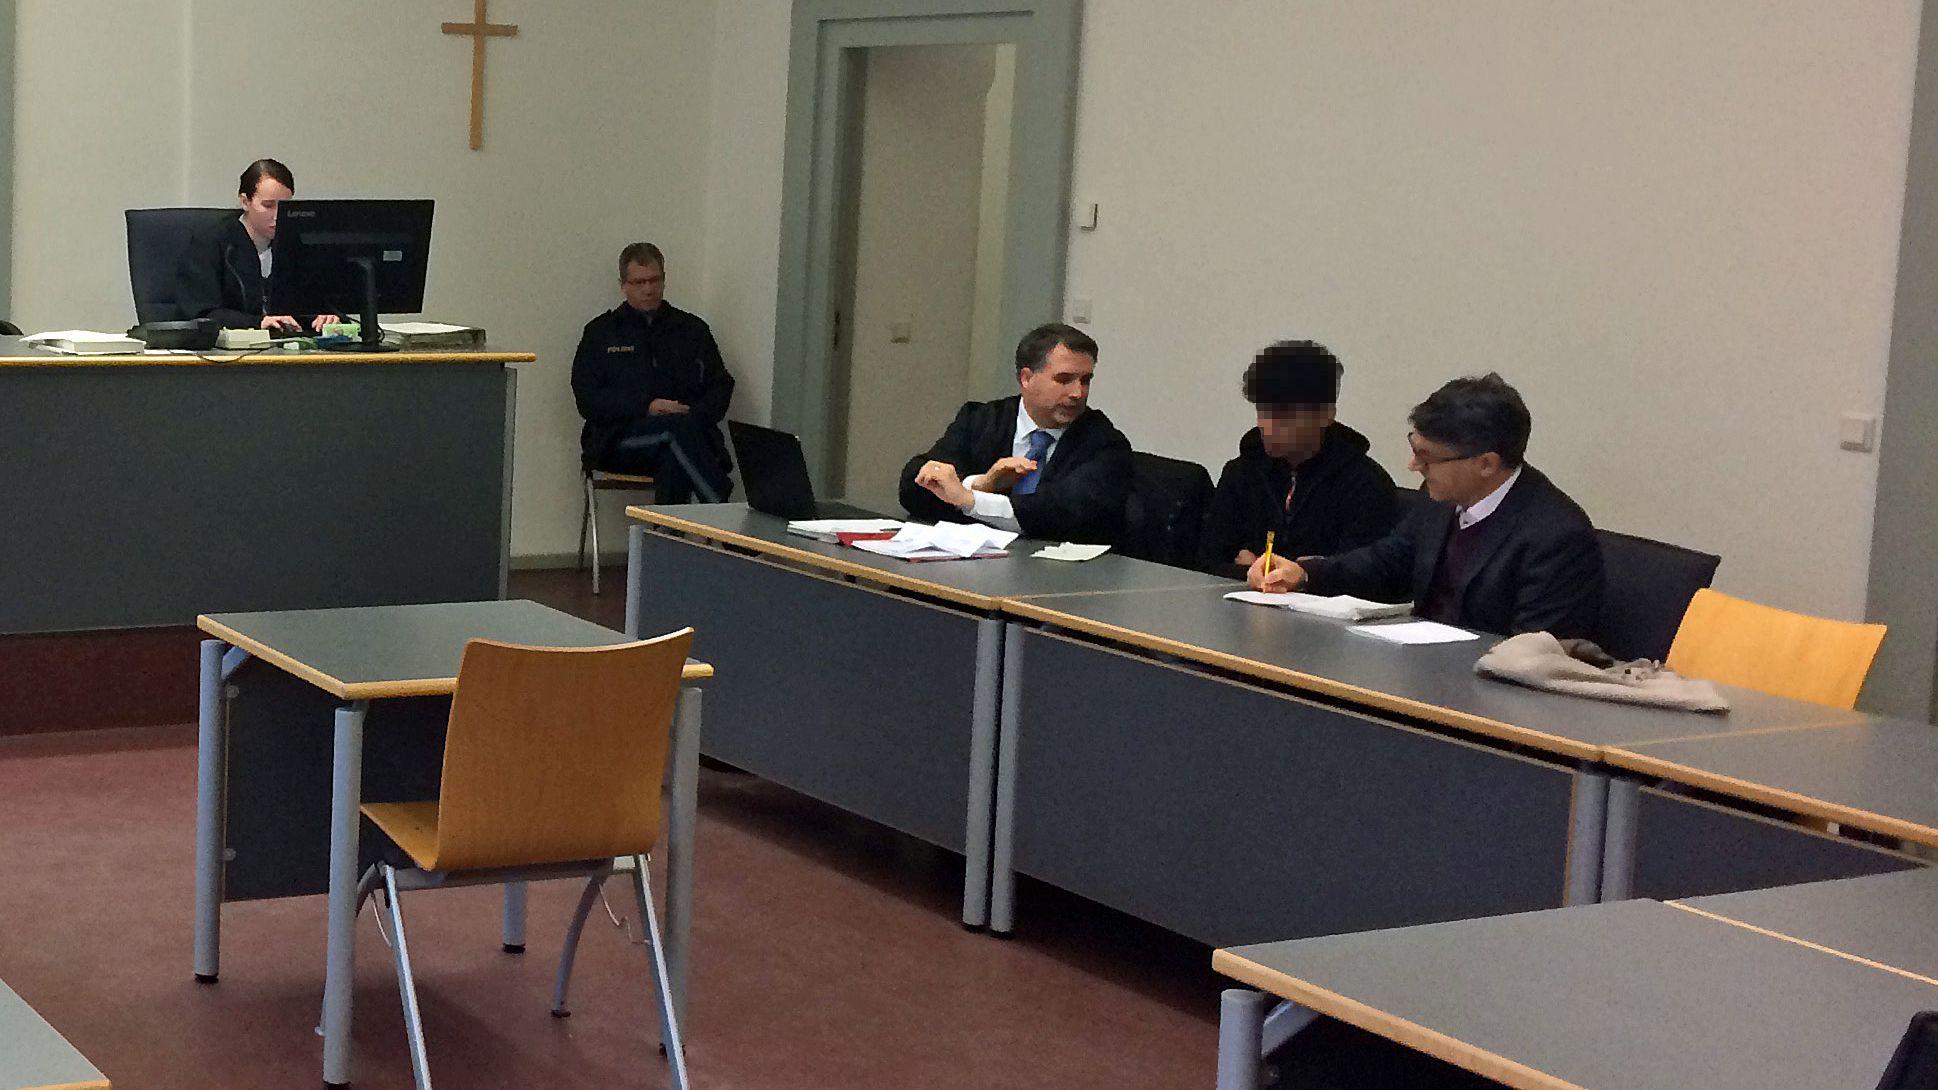 Der Angeklagte (mitte) im Gerichtssaal: der junge Mann legte ein Geständnis ab und entschuldigte sich bei den Geschädigten.